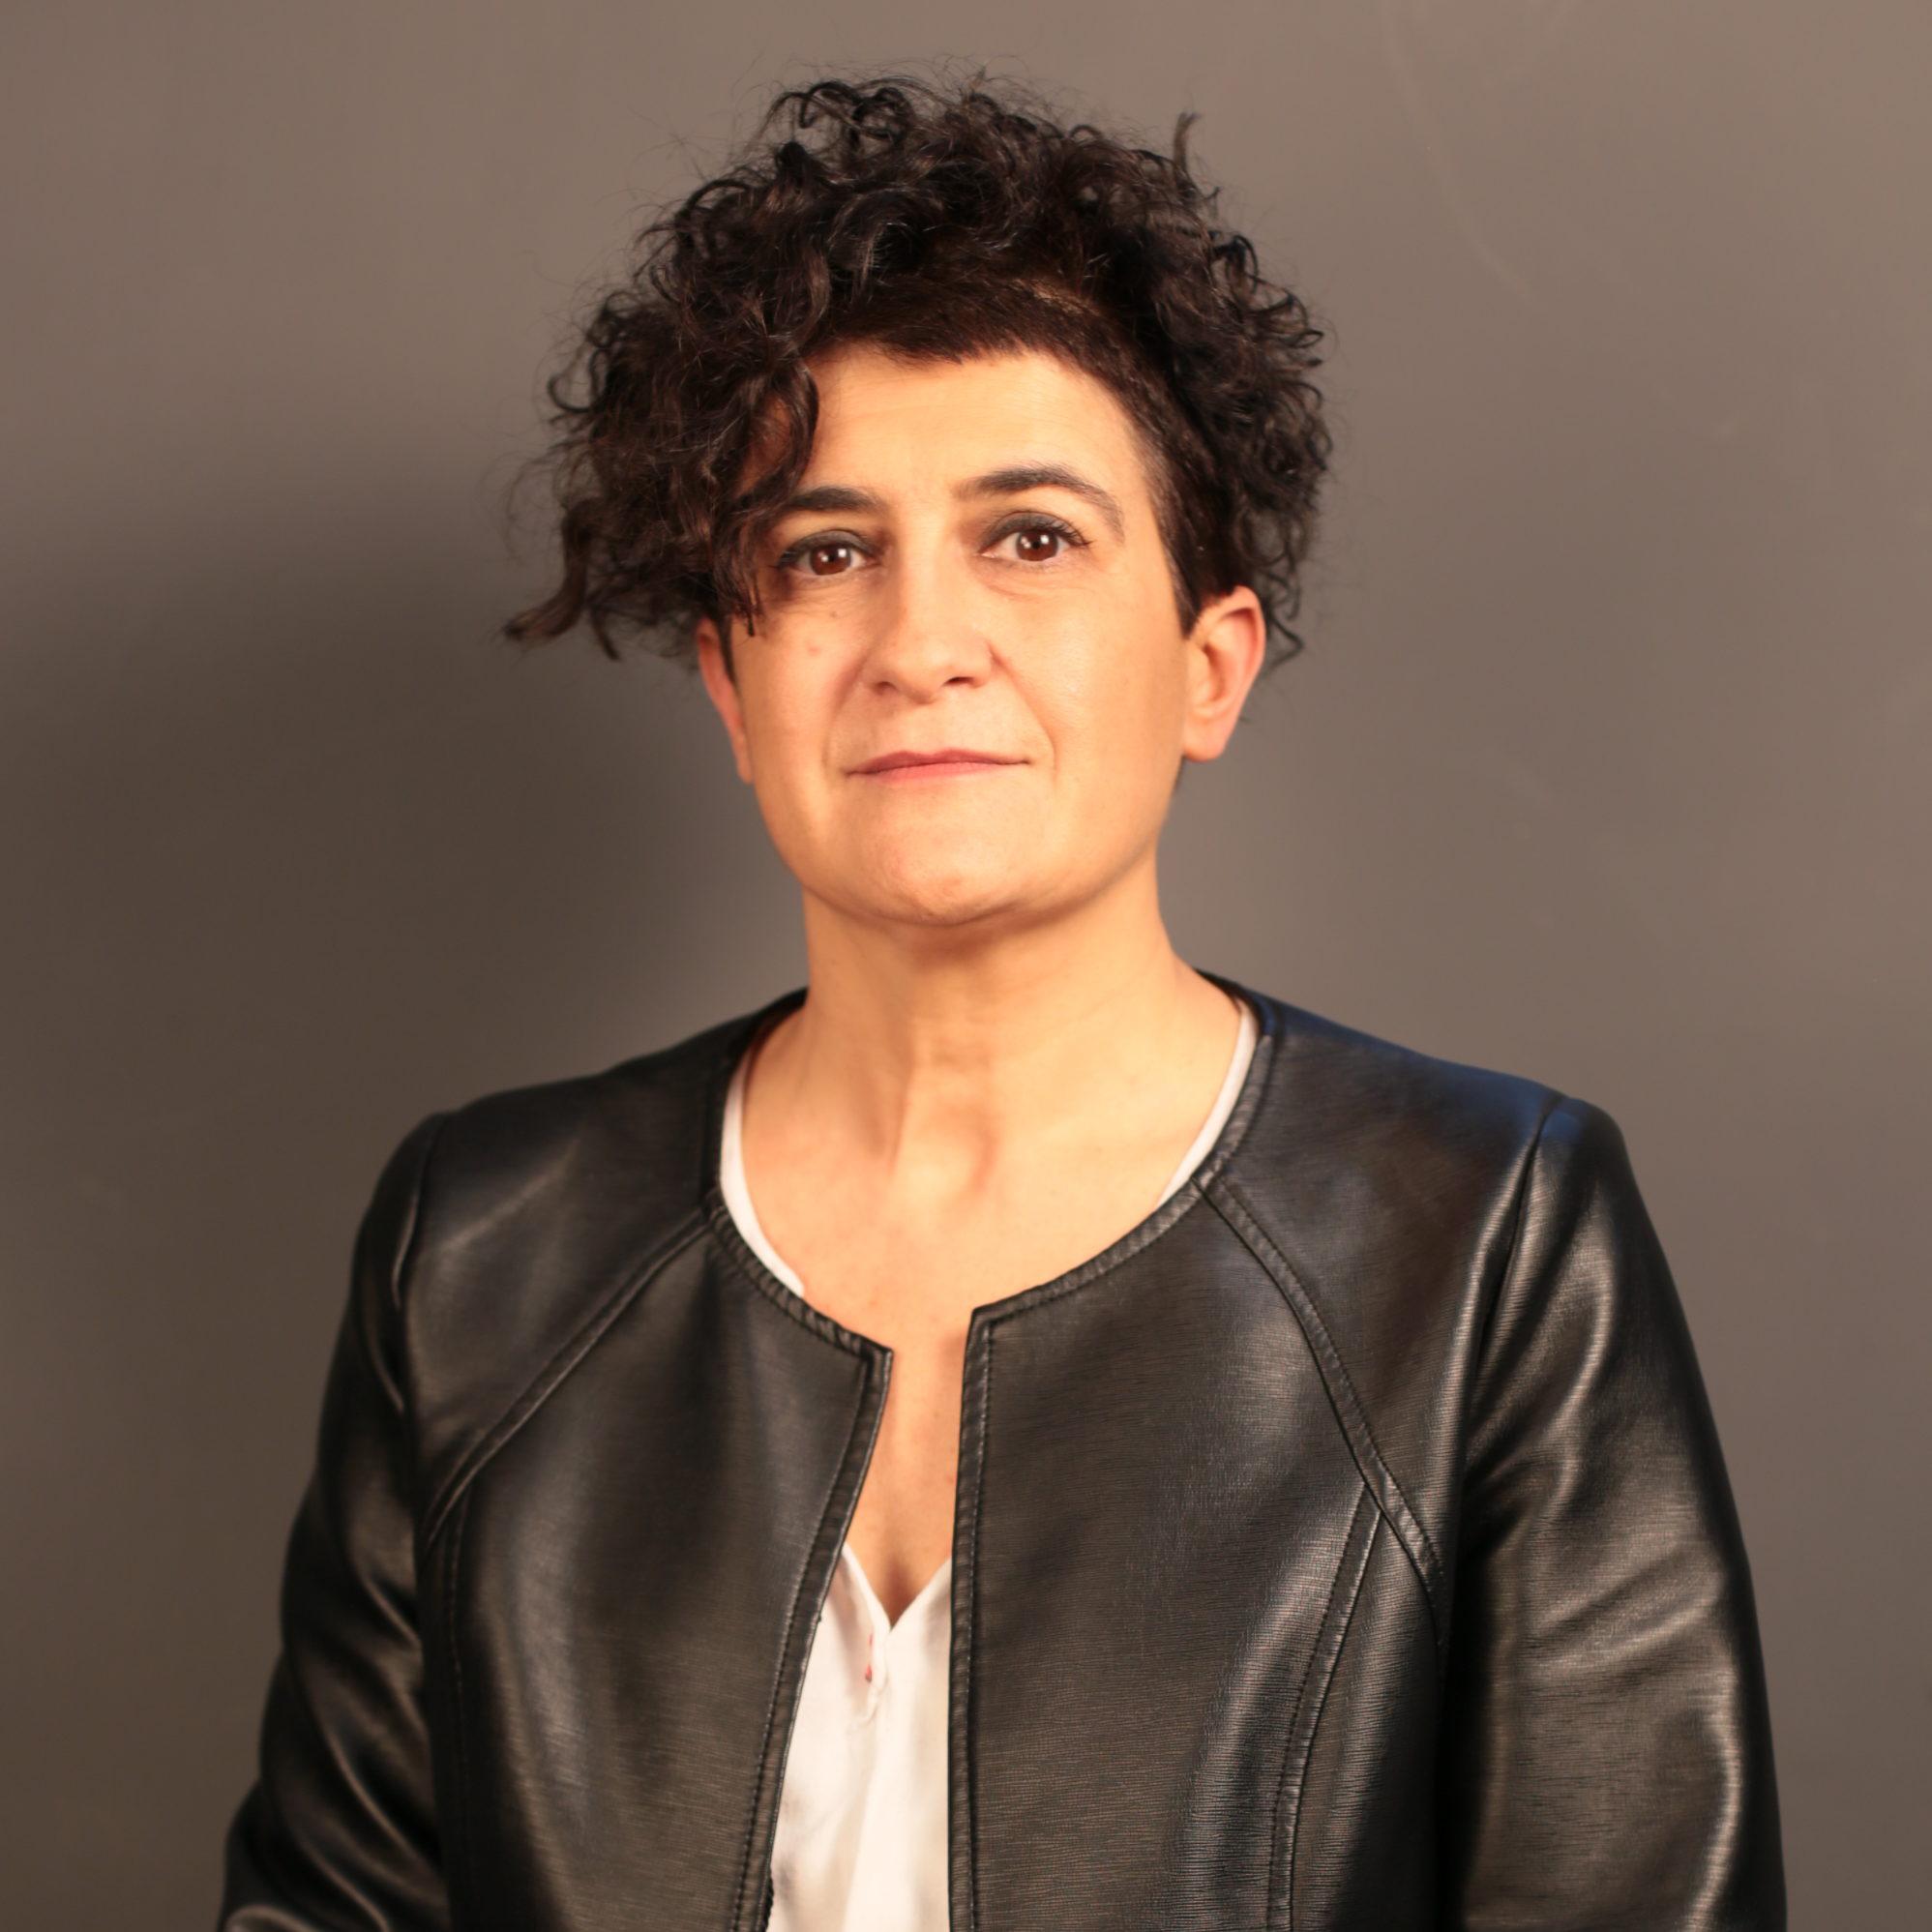 Diana Ciullo